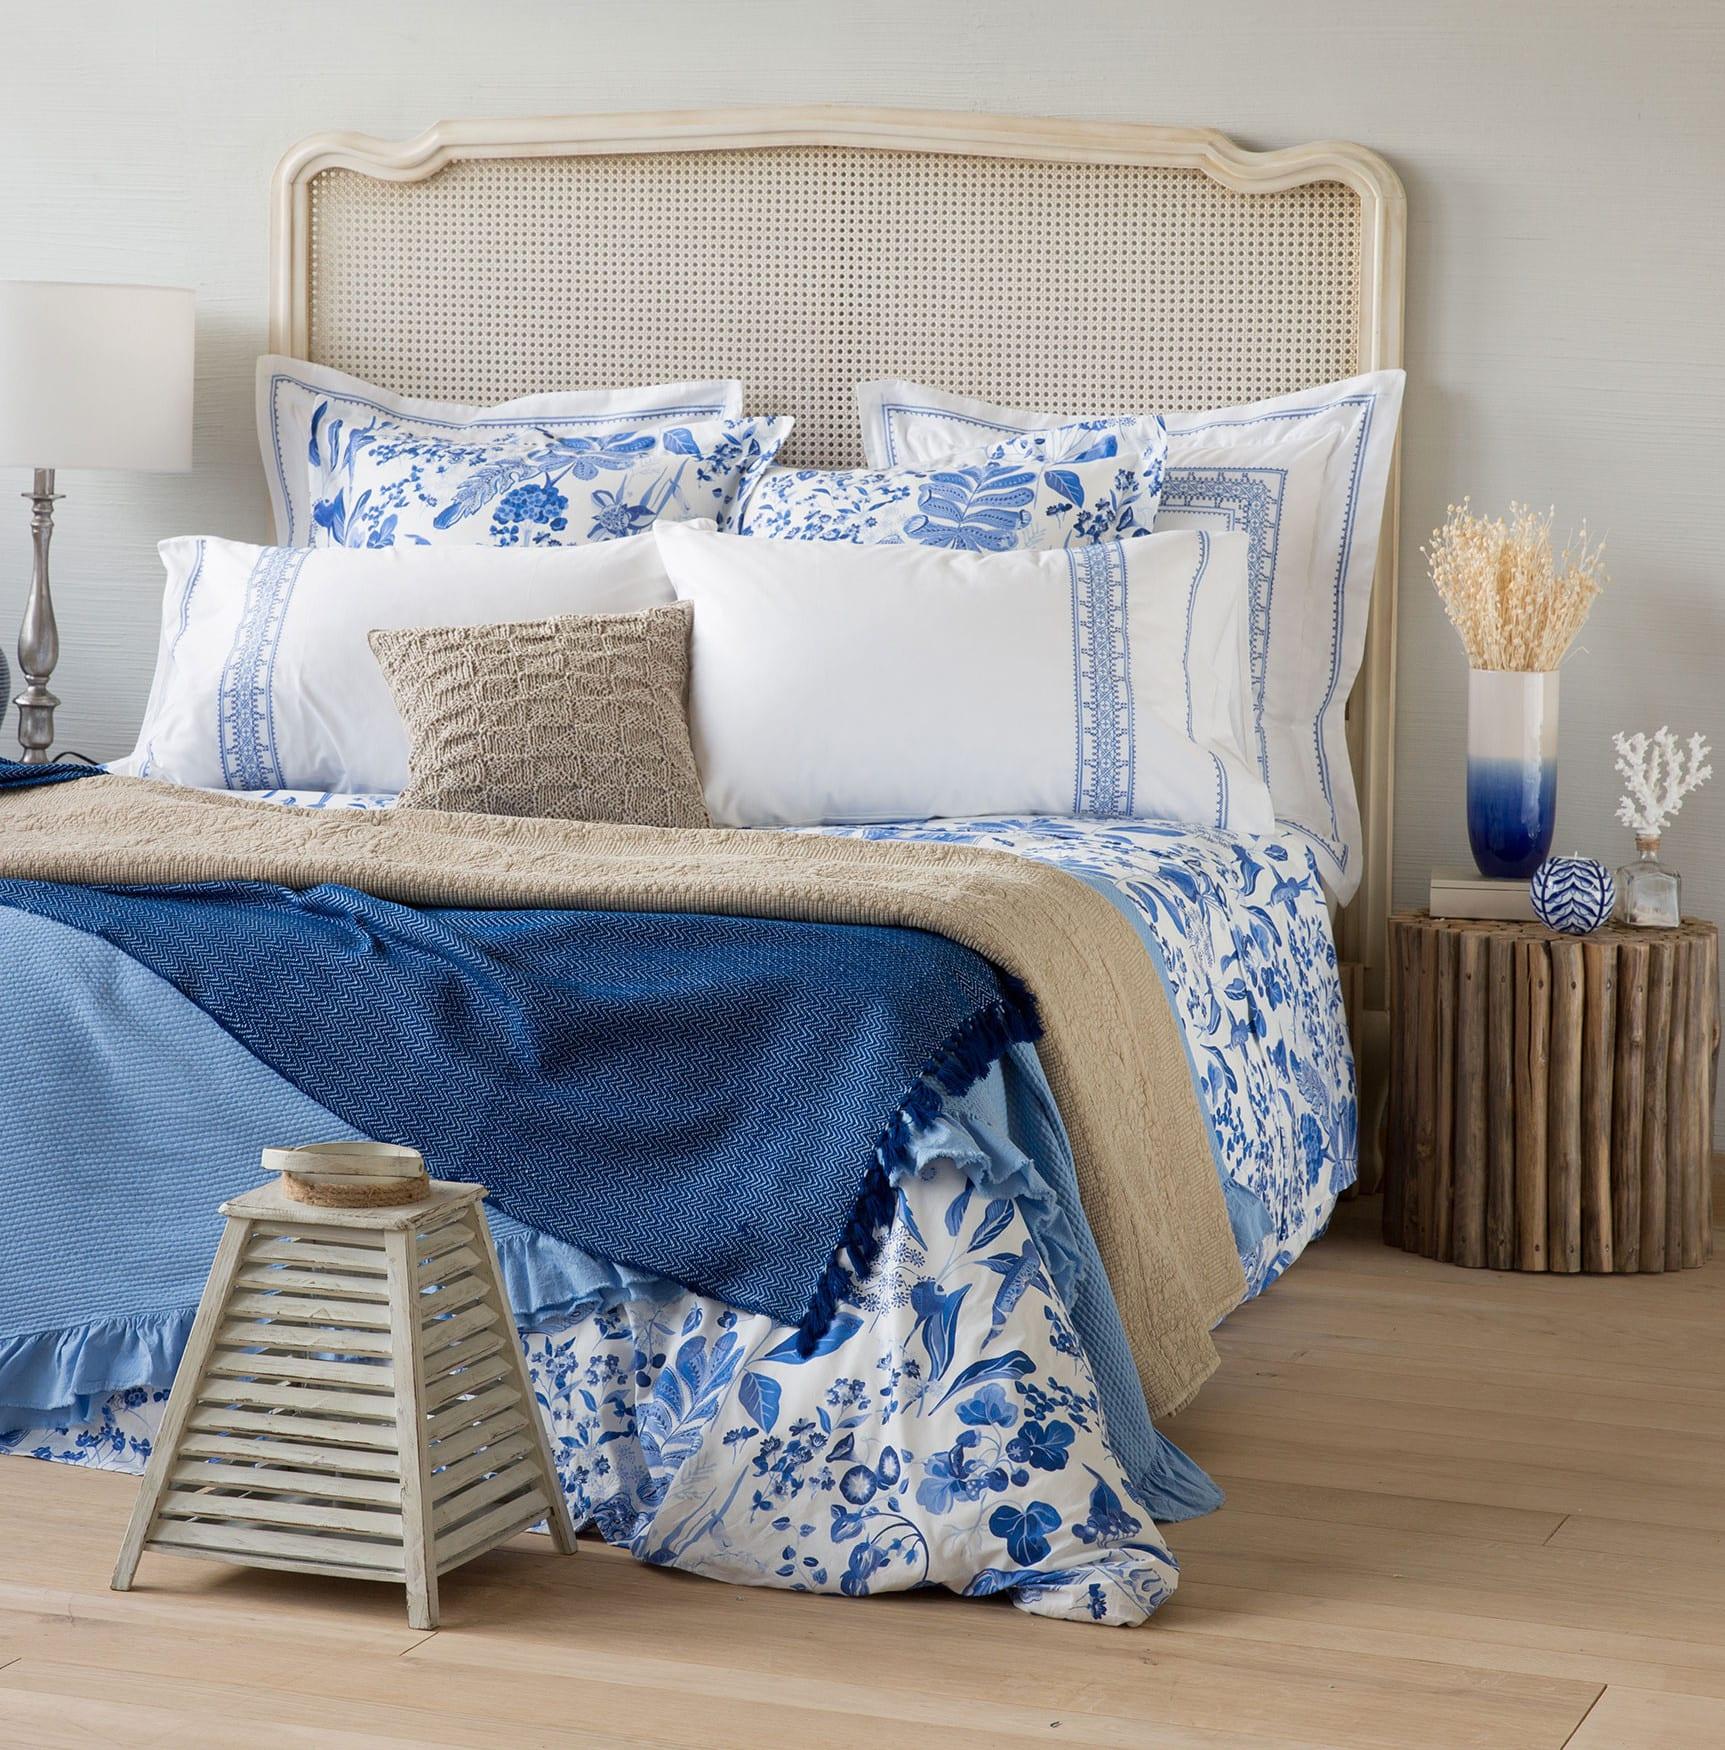 schlafzimmer einrichten mit zara home bettwäsche weiß mit blauen blumen und zara home kissen_dekotipps mit beistelltisch rund aus holz